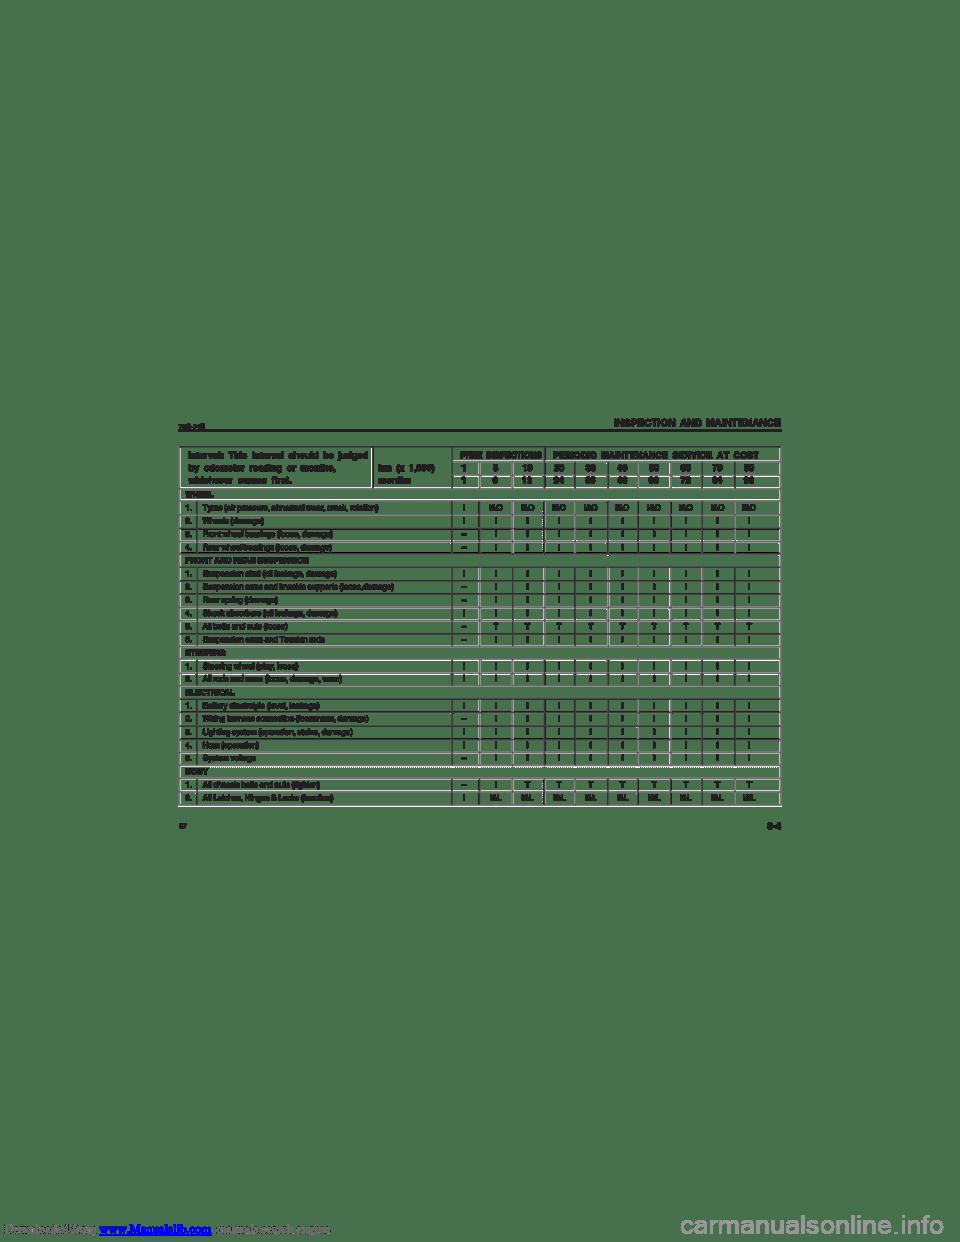 SUZUKI ALTO 2007 6.G Manual Online (139 Pages)